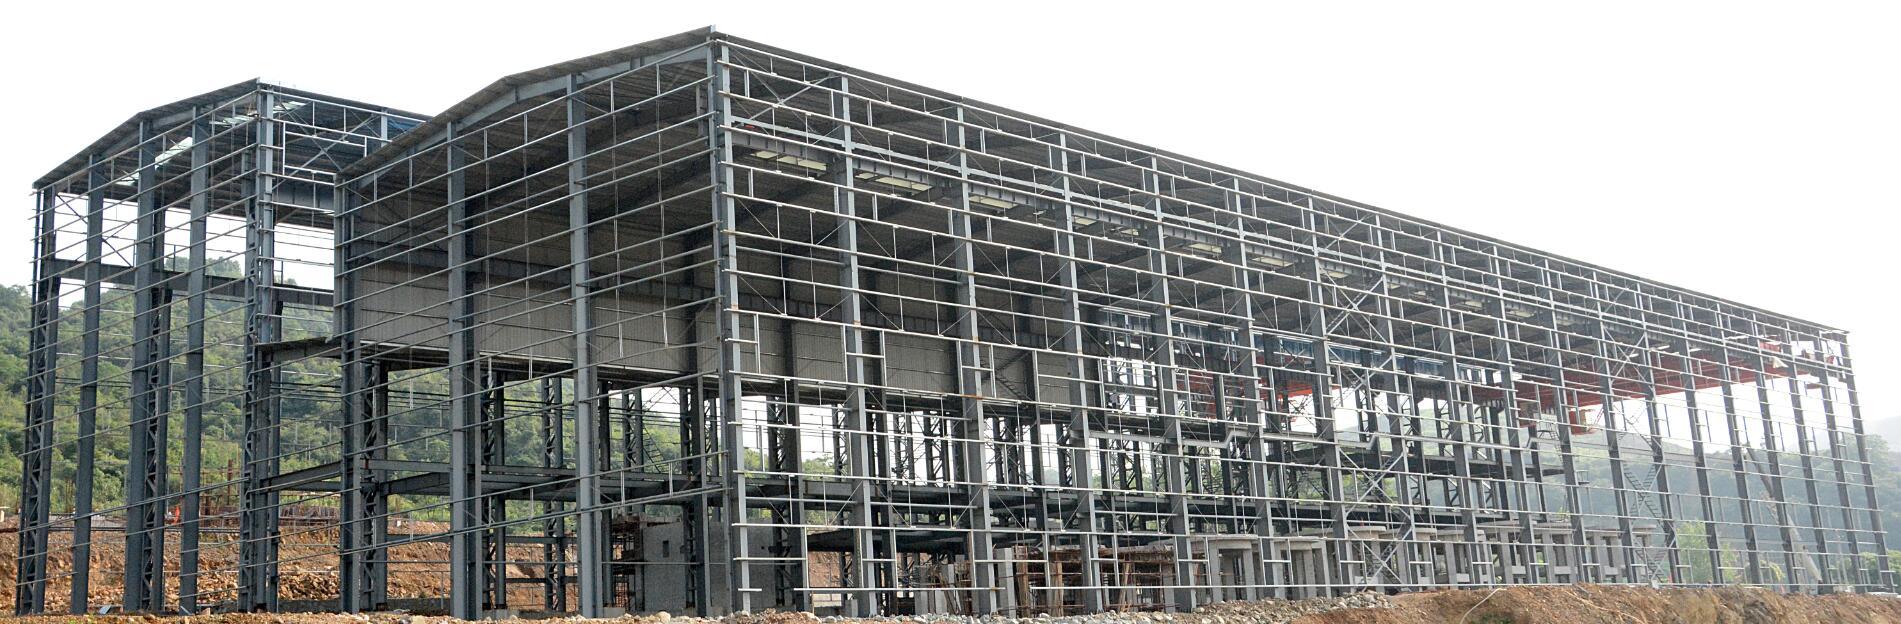 集团公司目前在国内设立了12家分公司,现有职工1000多人,一、二级建造师共227人